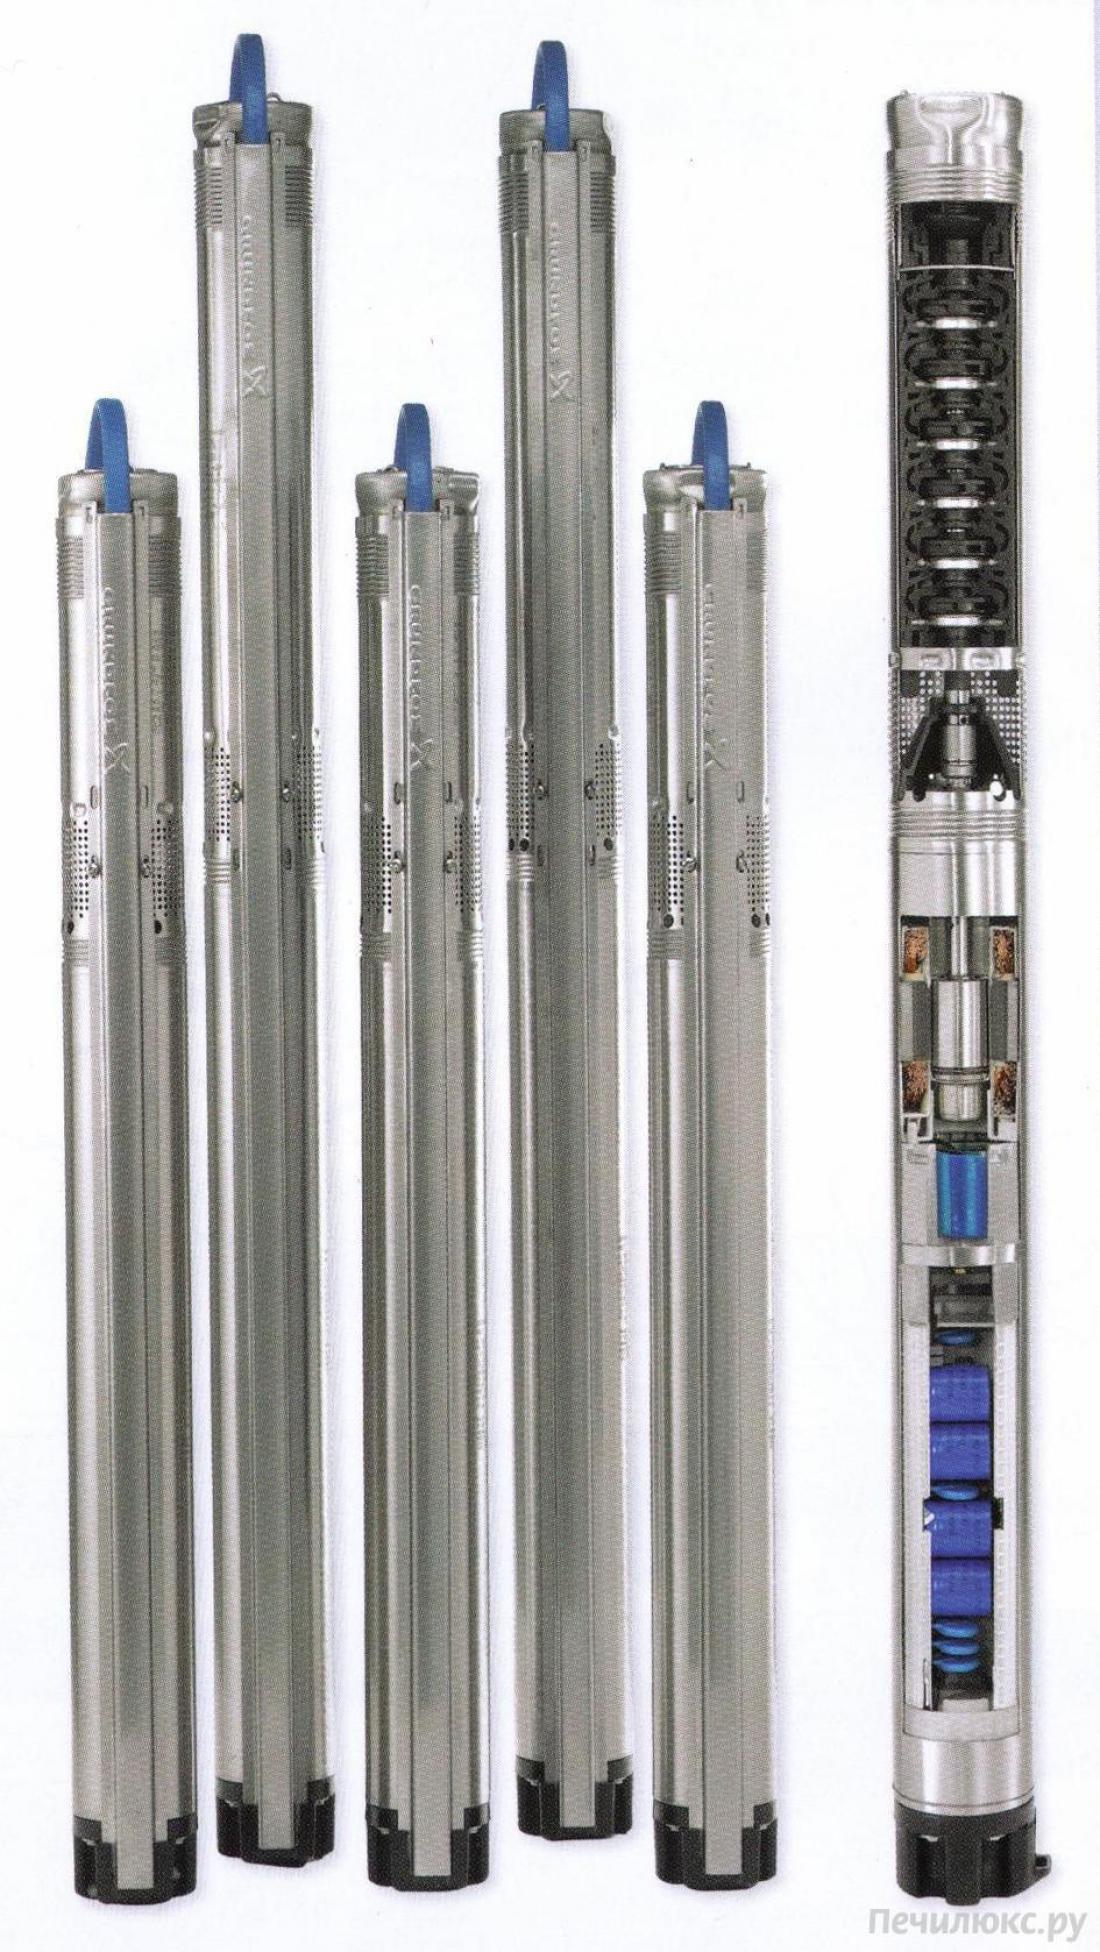 SQ  3- 80     1.68kW 200-240V 50/60Hz